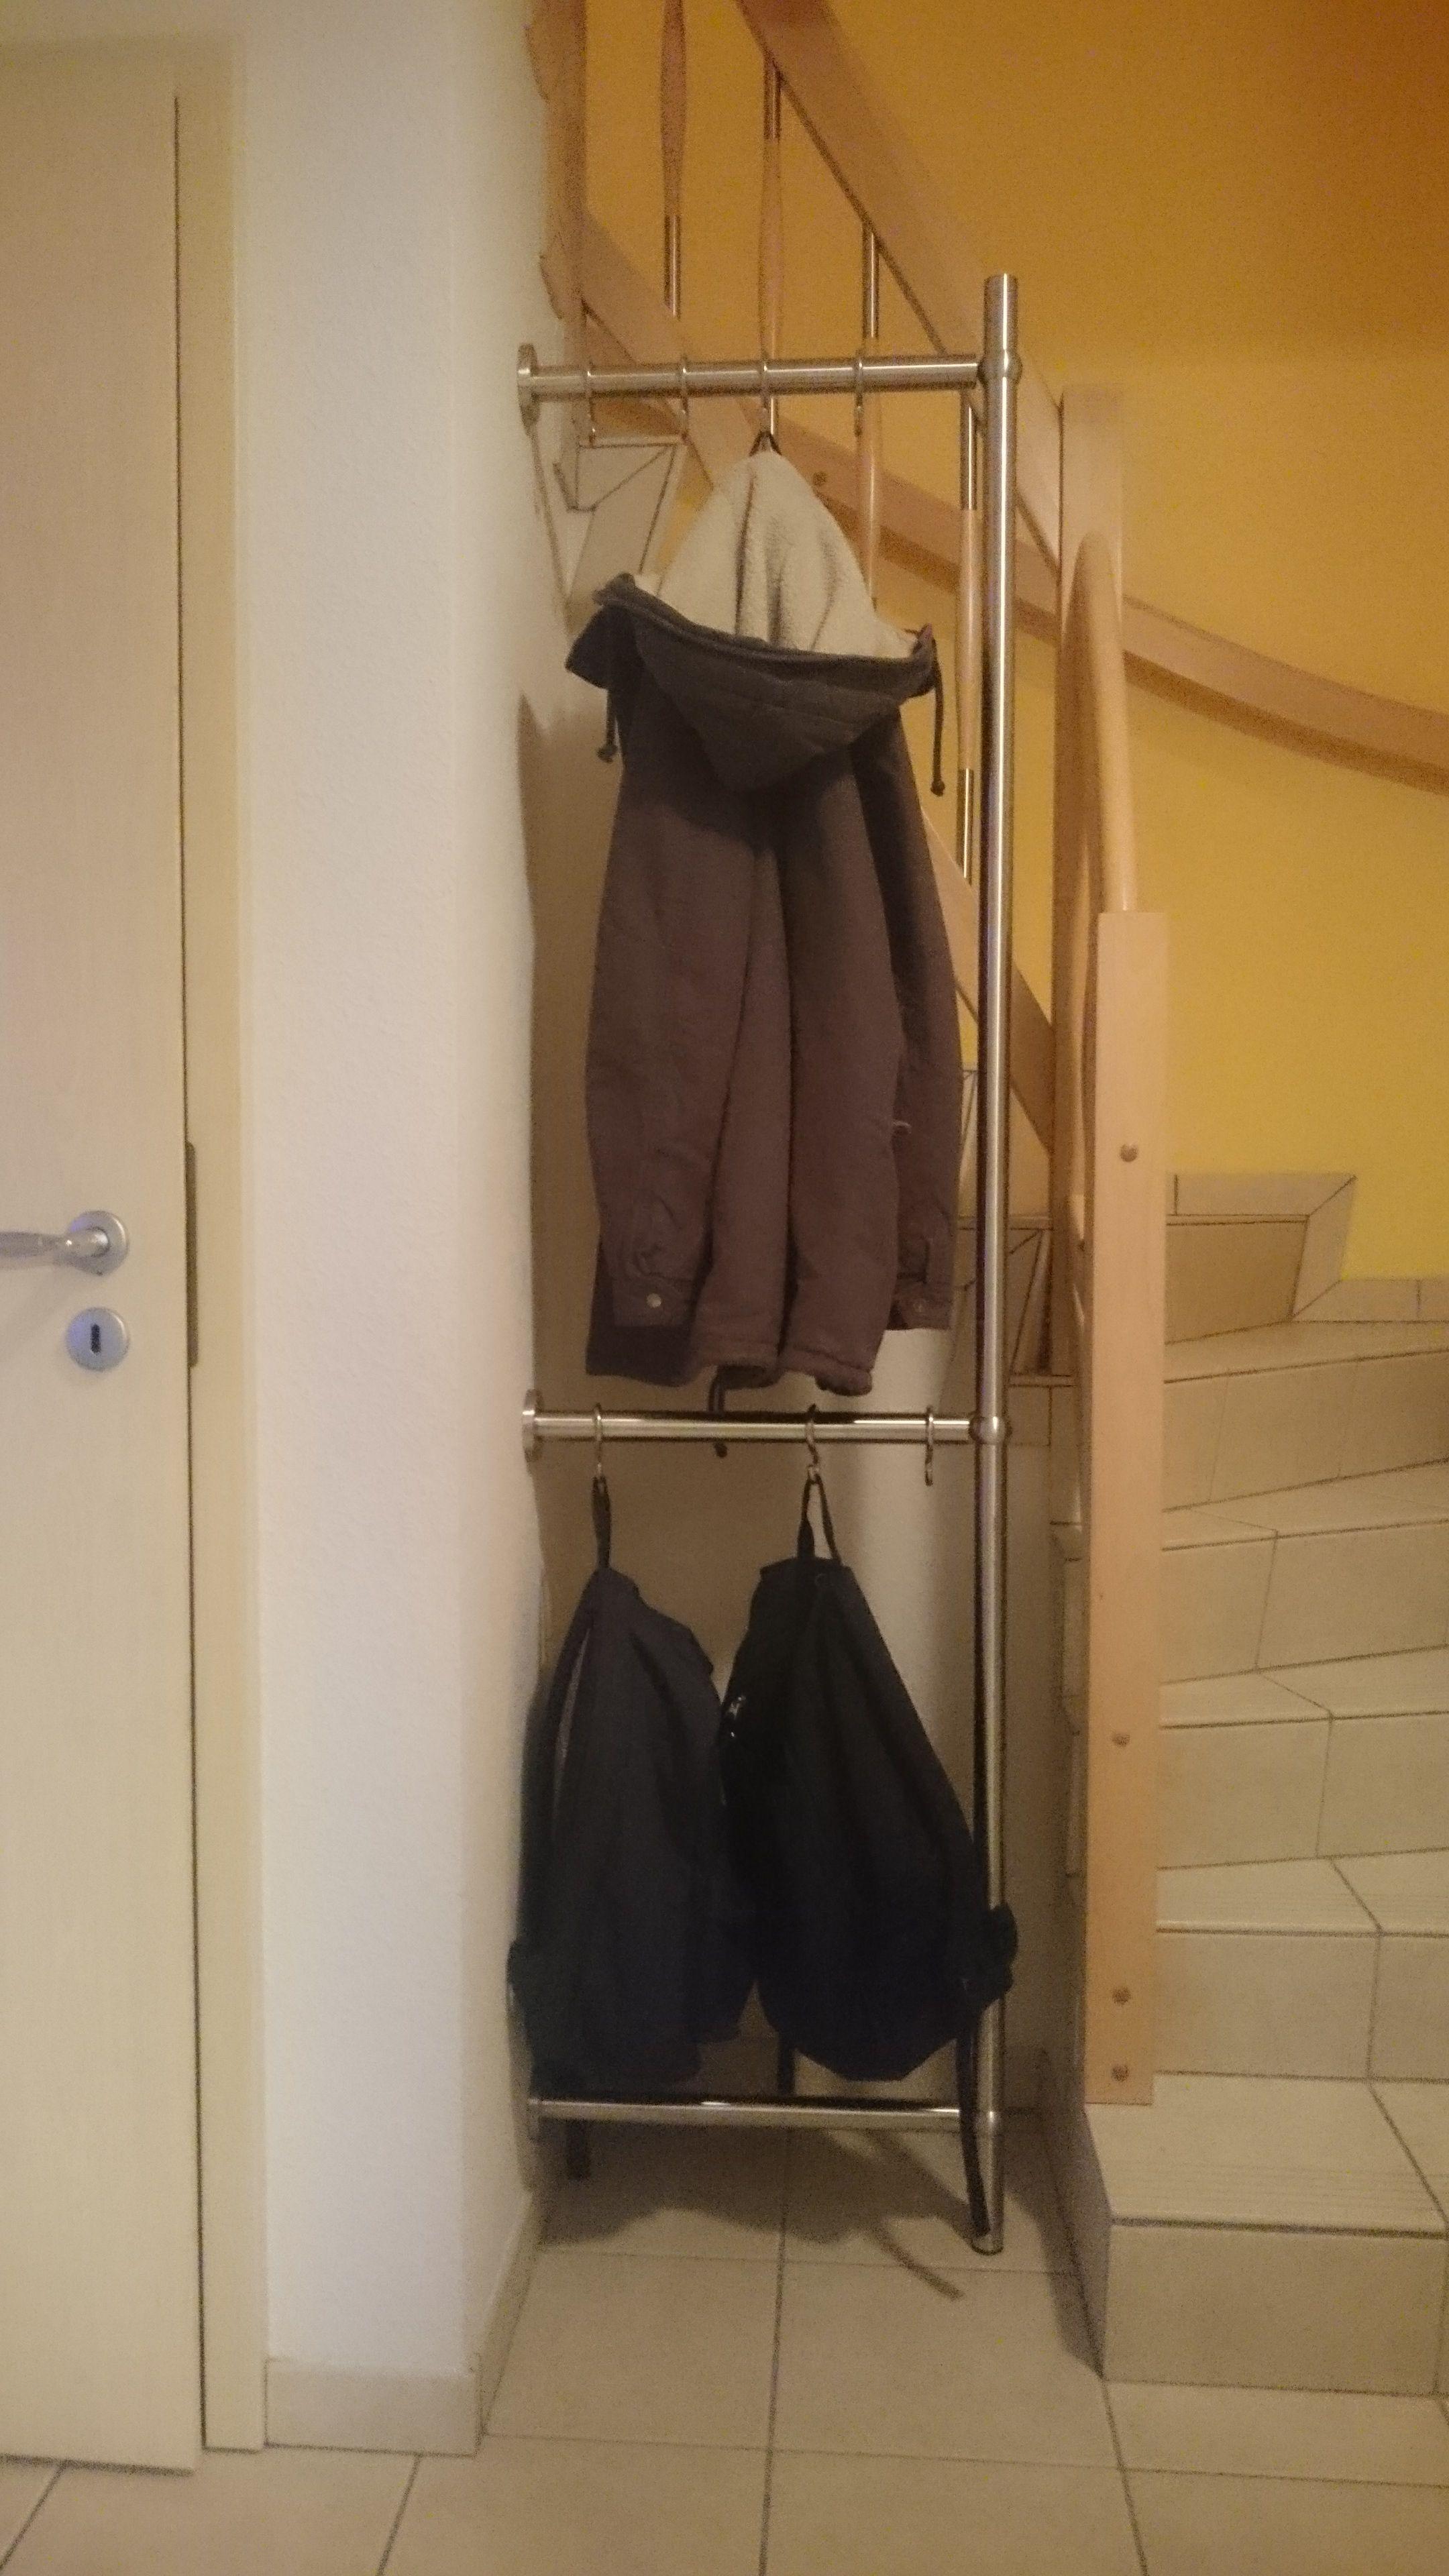 Edelstahl Stand Garderobe Auch Mit Wenig Platz Gibt Es Eine